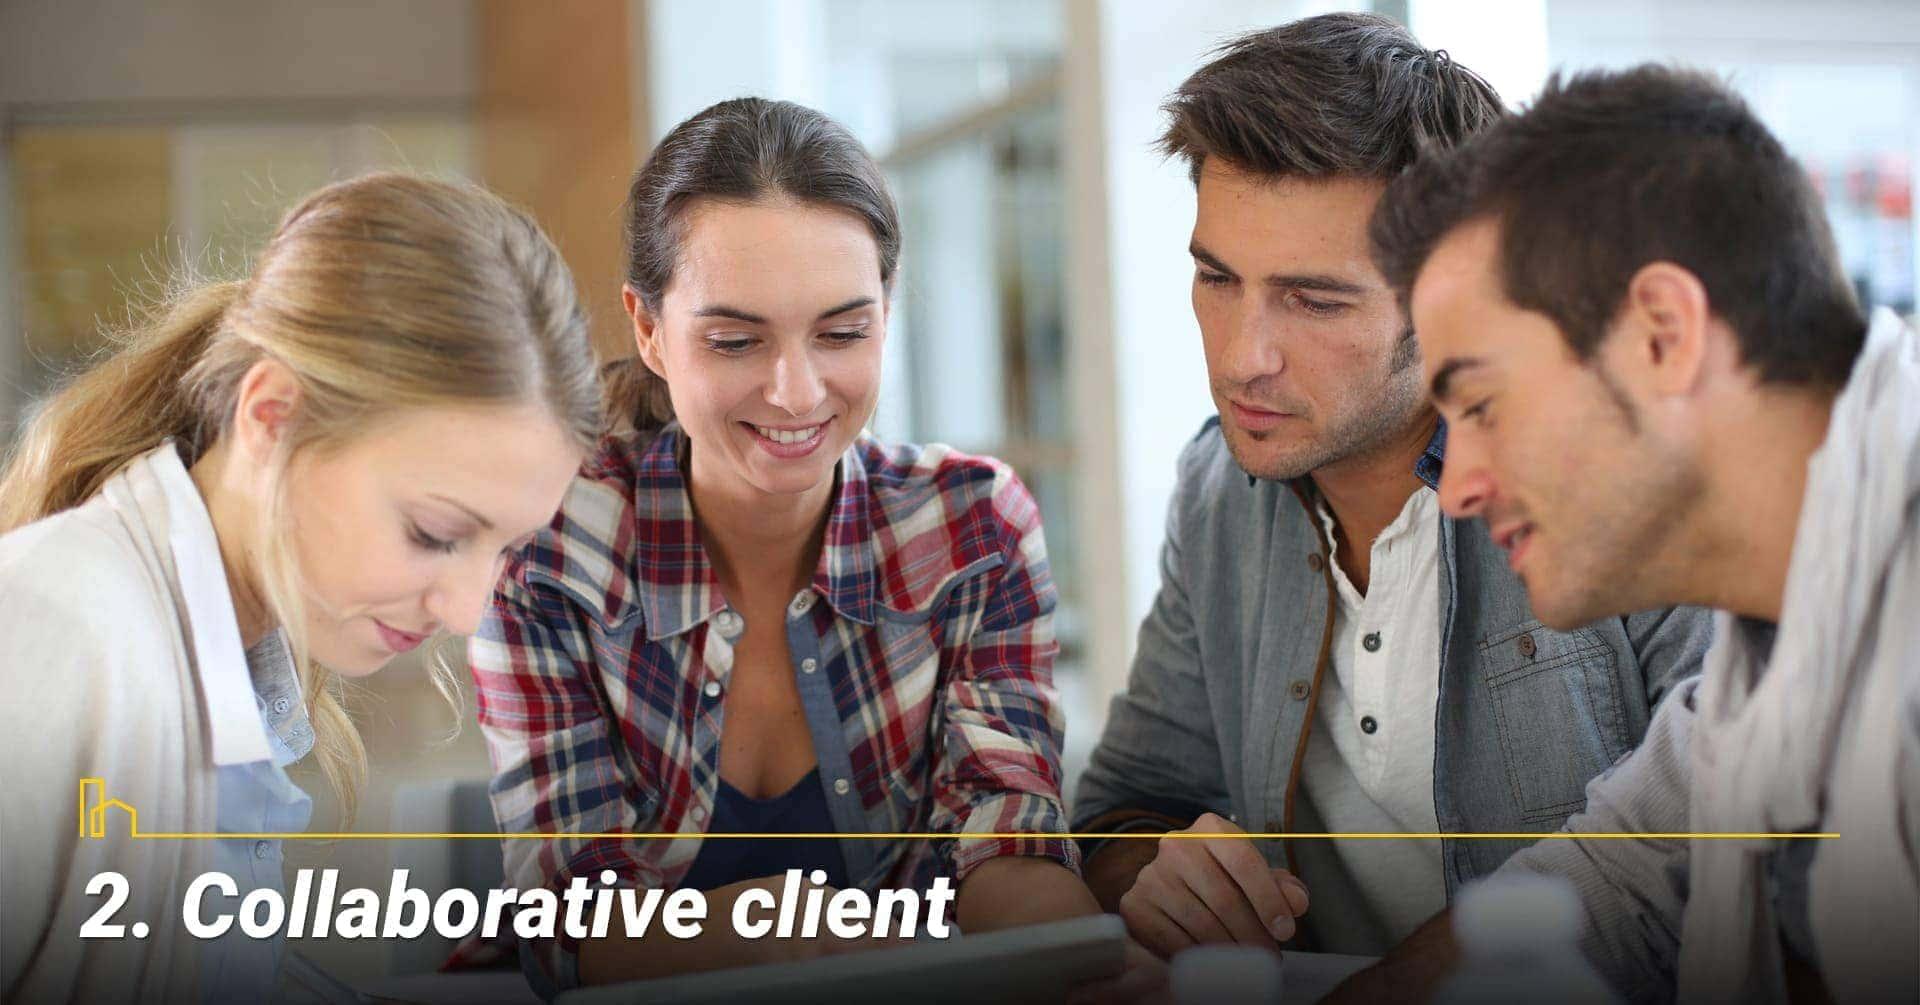 Collaborative client